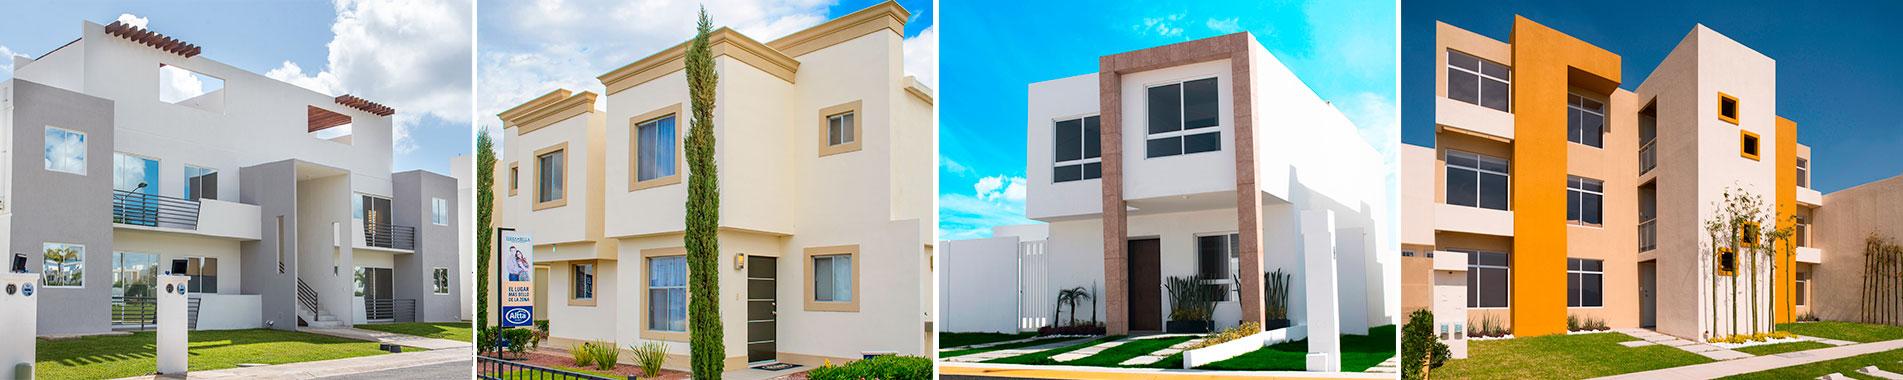 Grupo Sadasi, las mejores casas y más